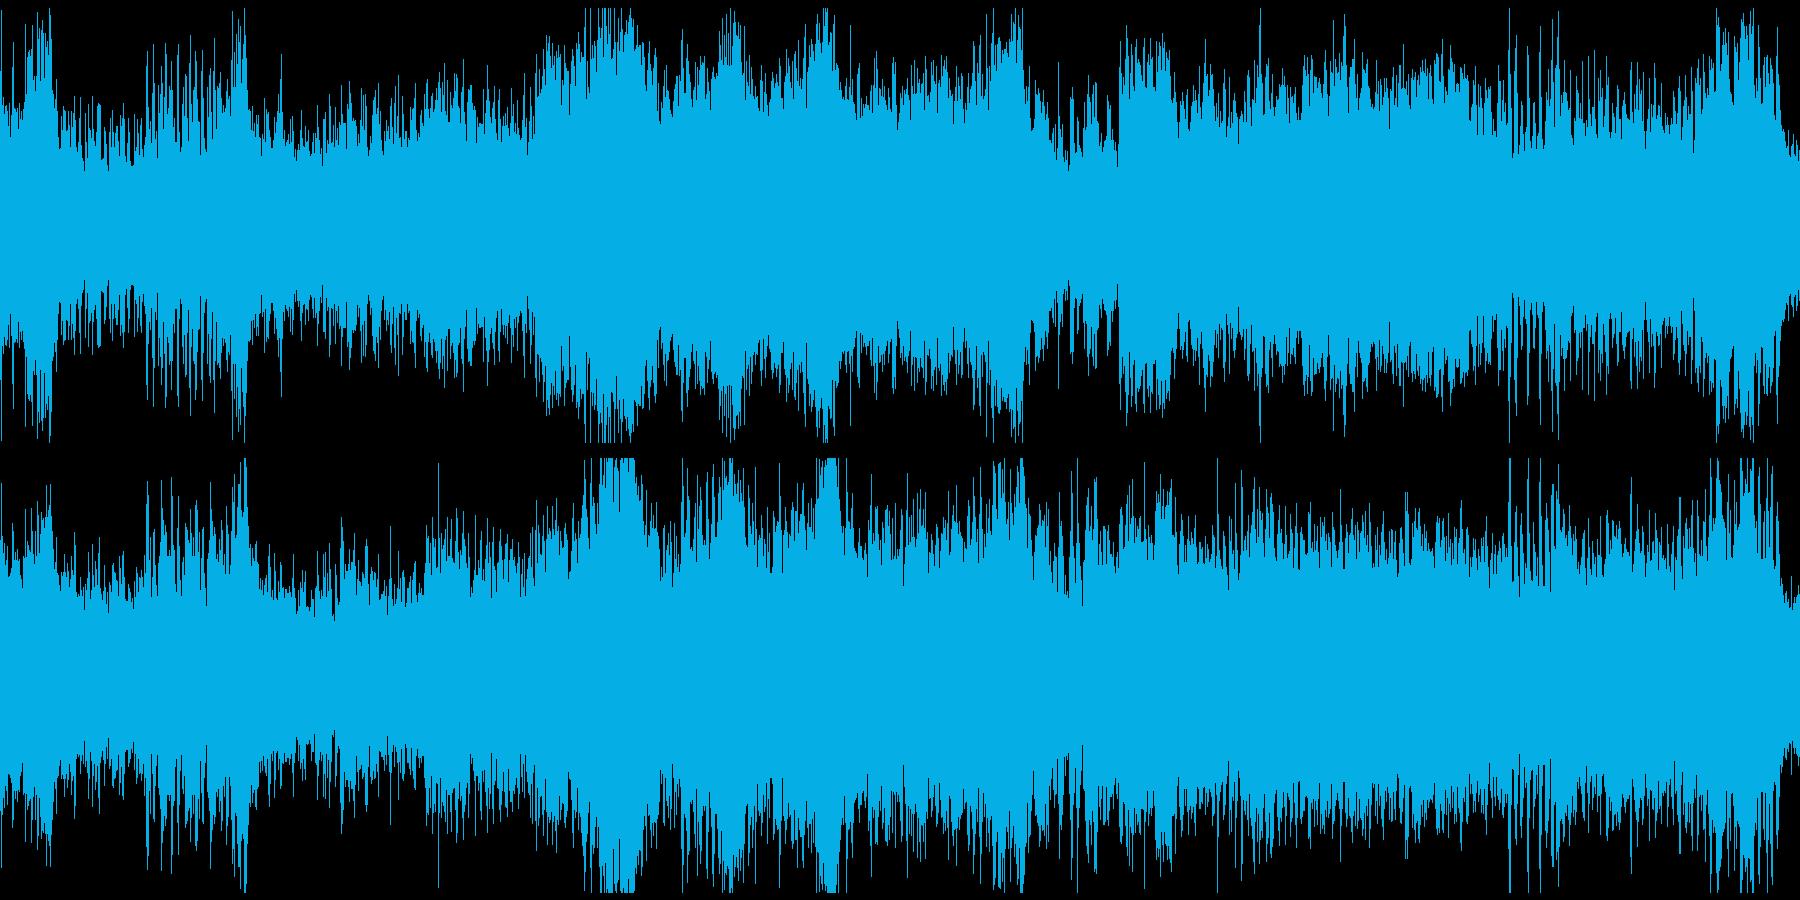 翔け!躍動感のある雄大なオーケストラ曲の再生済みの波形